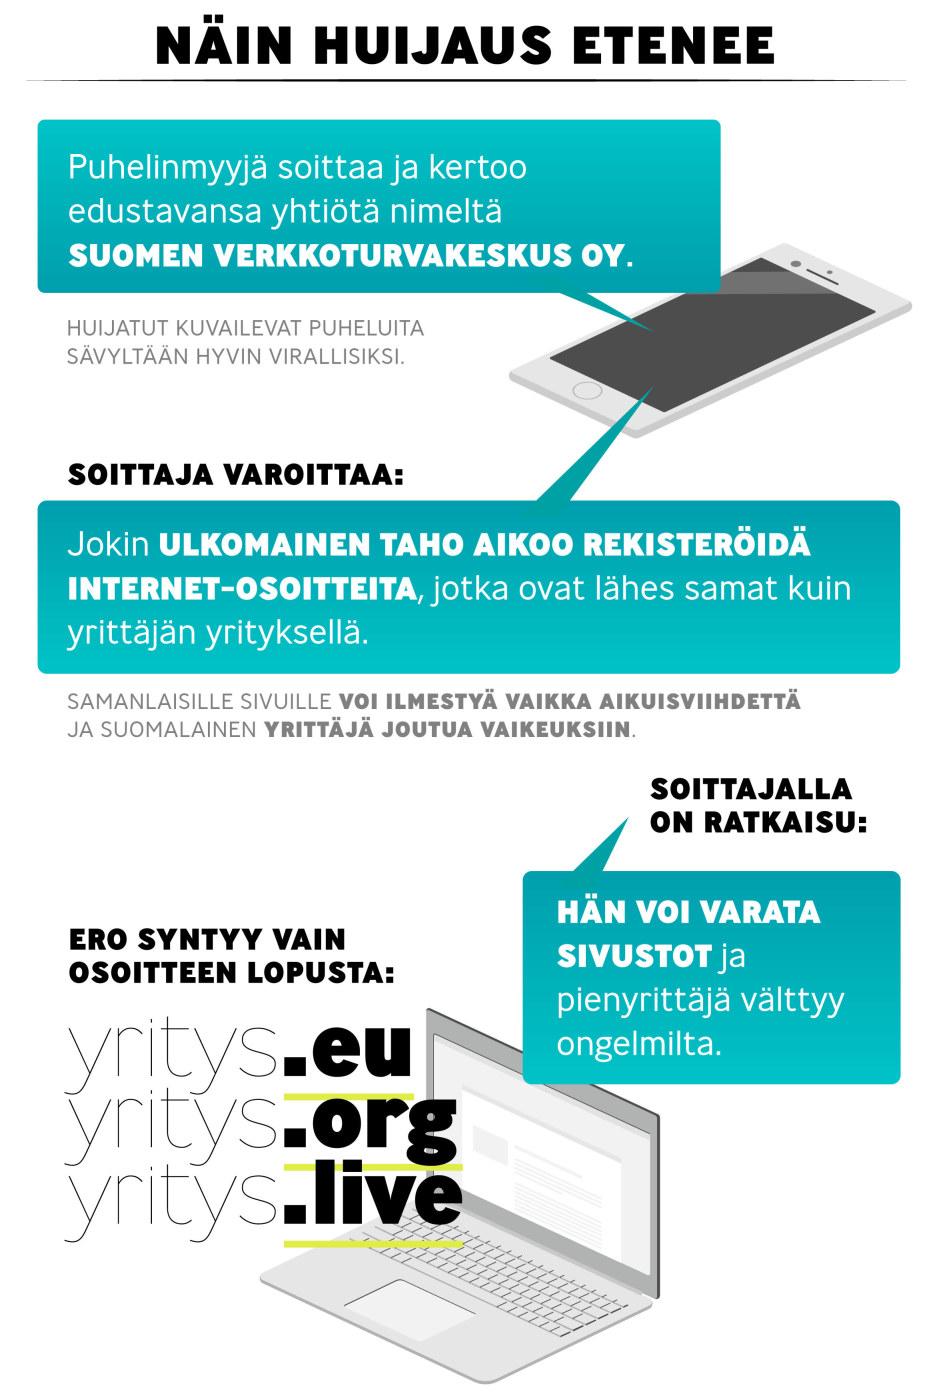 Suomen Verkkoturvakeskus